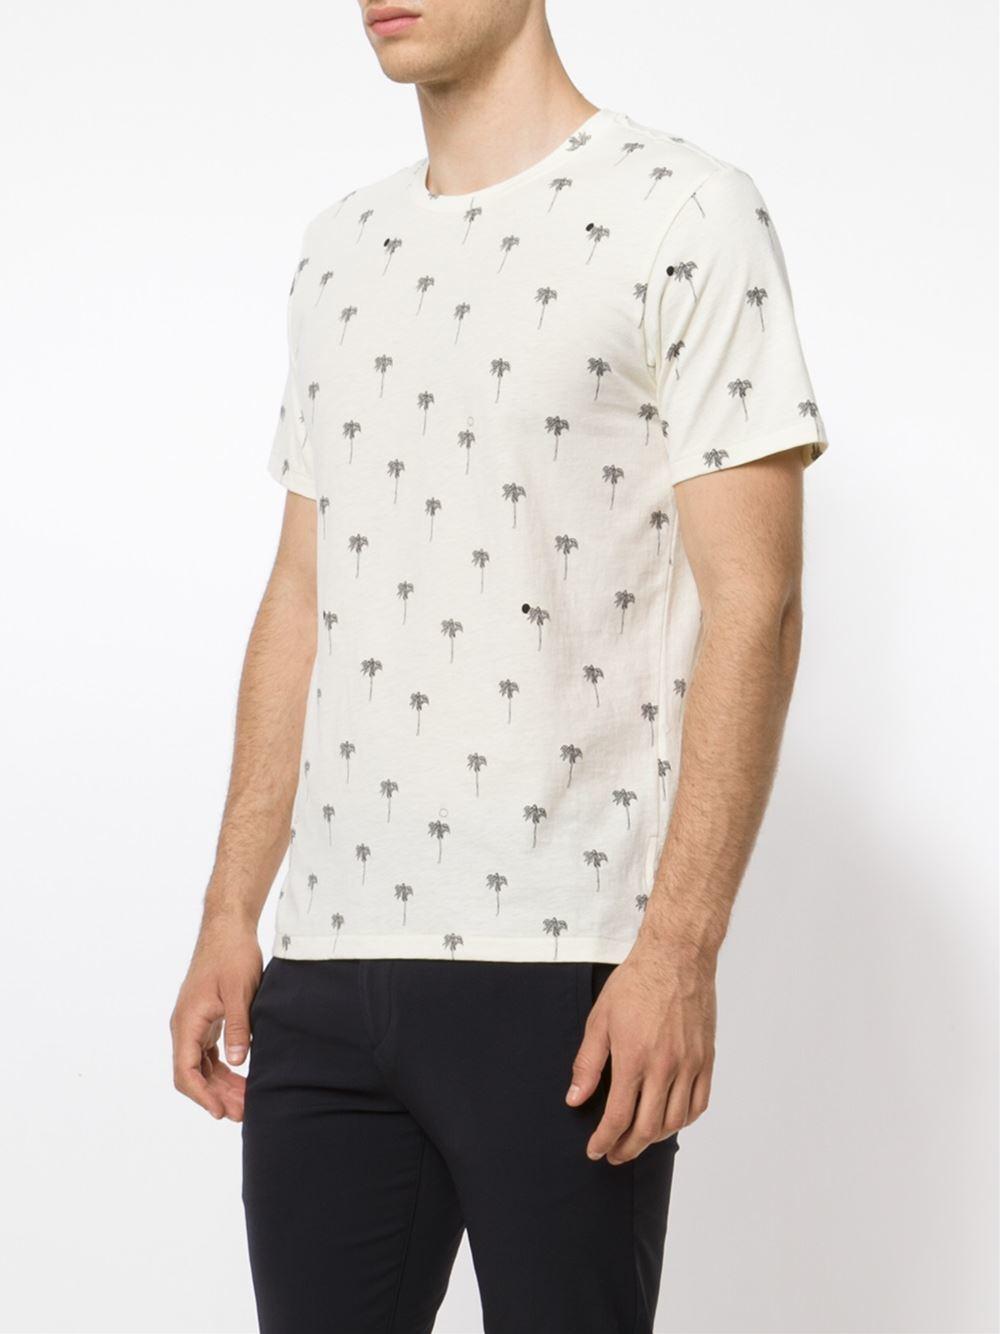 Rag bone palm tree print t shirt in white for men lyst for Rag bone shirt